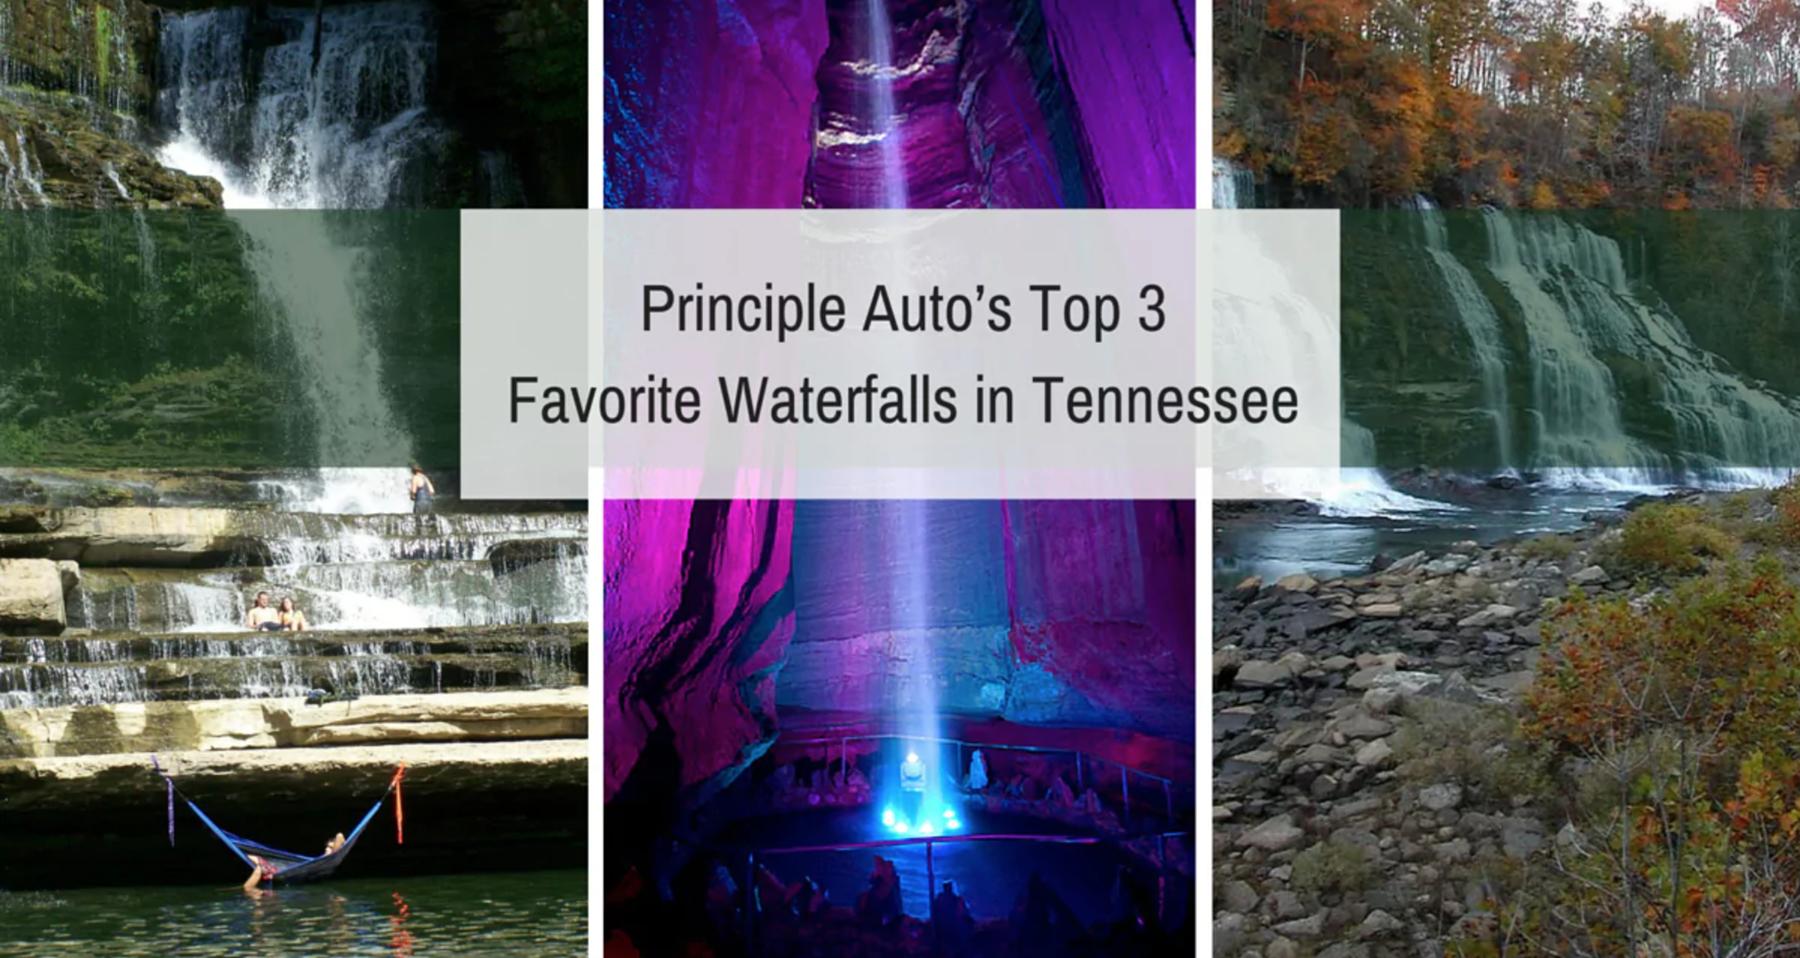 Top 3 Favorite Waterfalls in Tennessee